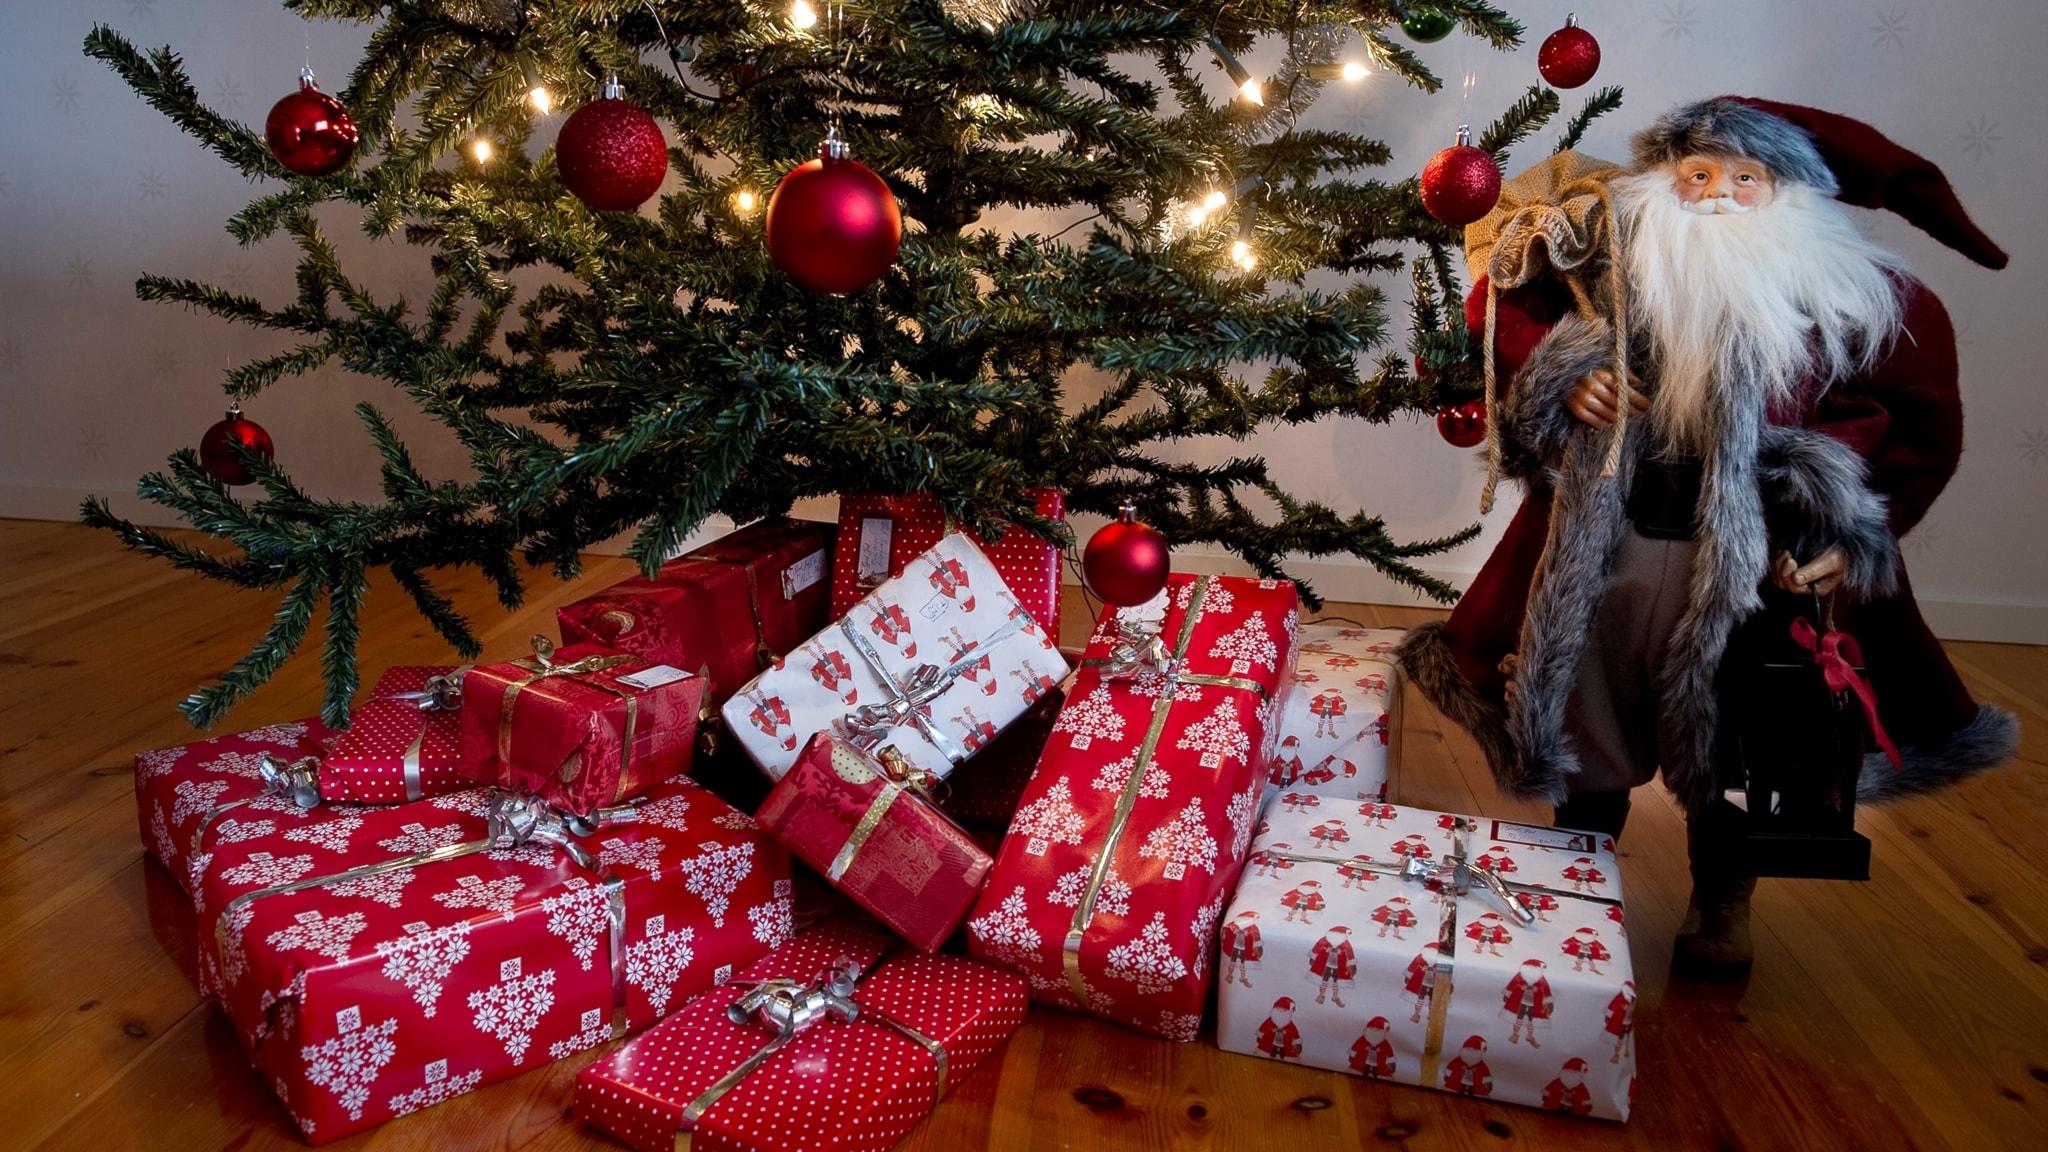 Julen - givandets tid - spela